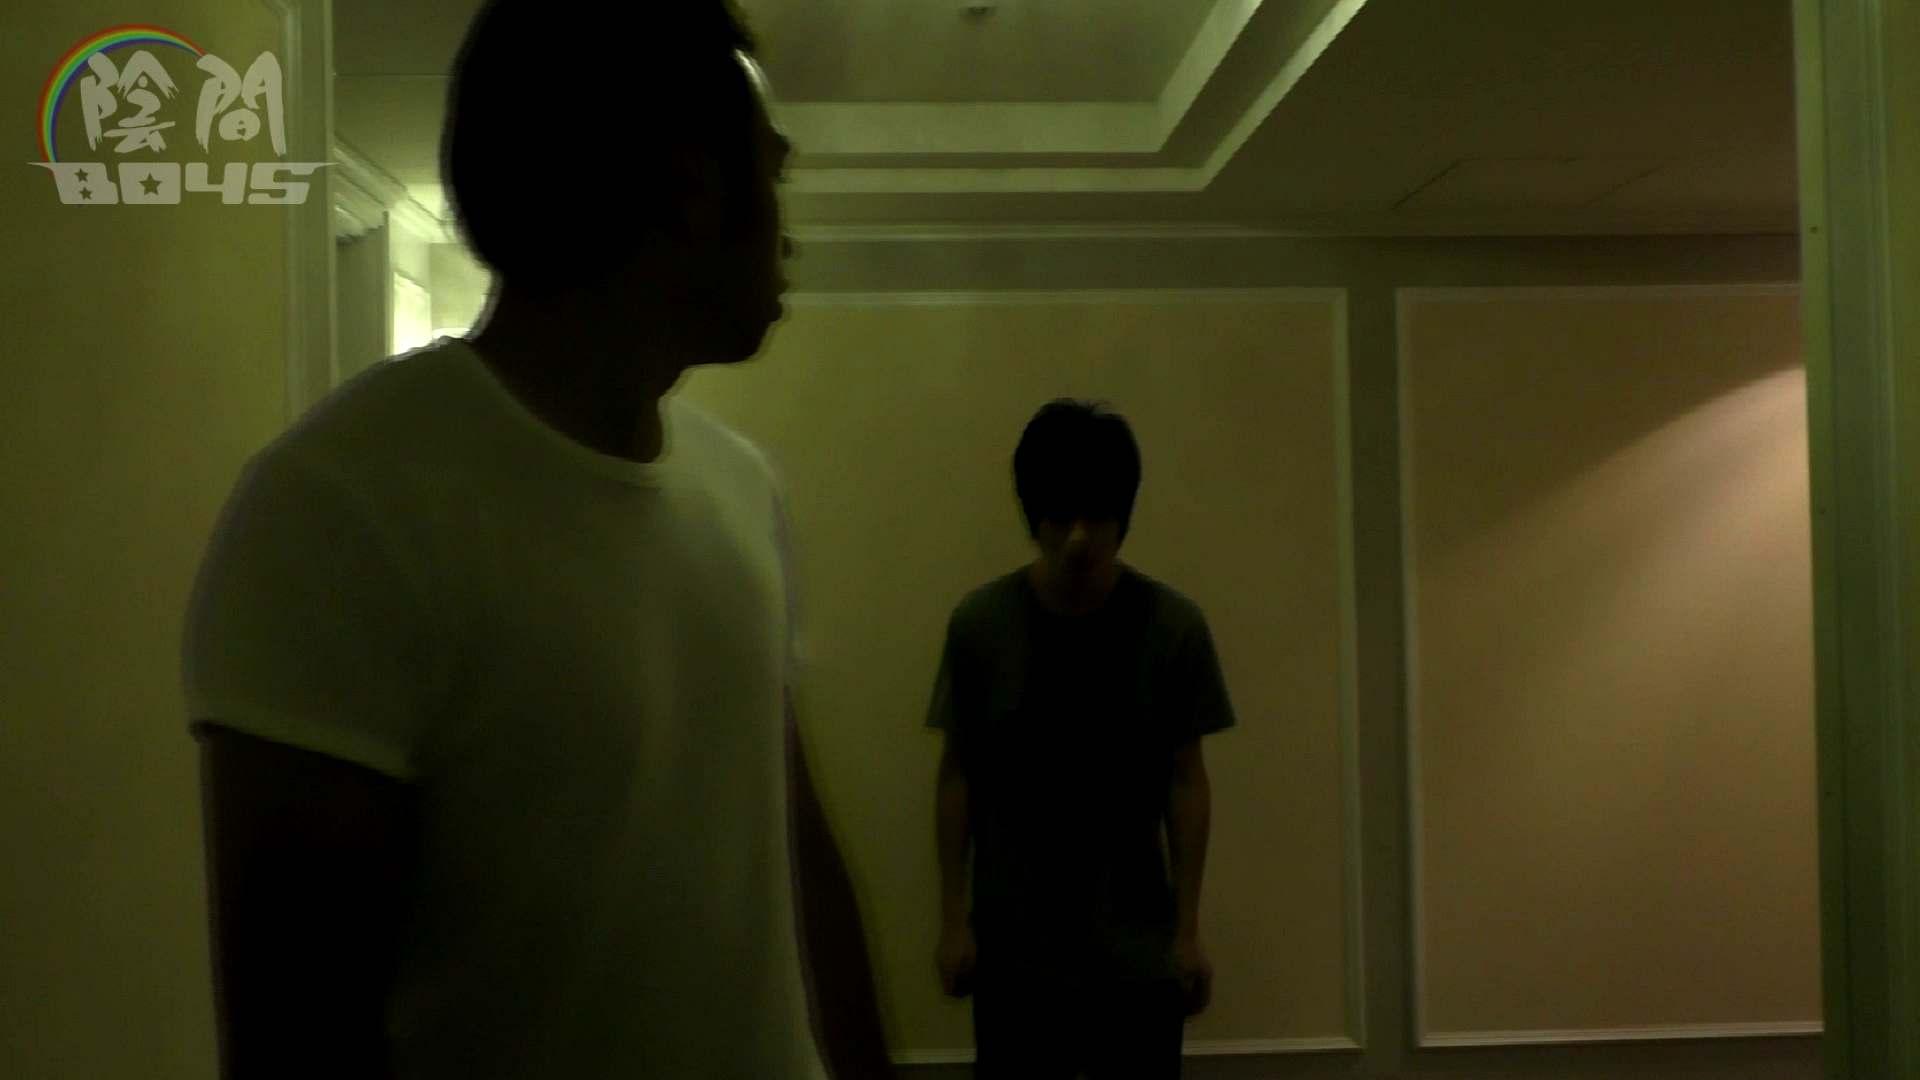 """ADの""""ヒミツ""""のお仕事 part2 No.01 モザイク無し エロビデオ紹介 62pic"""